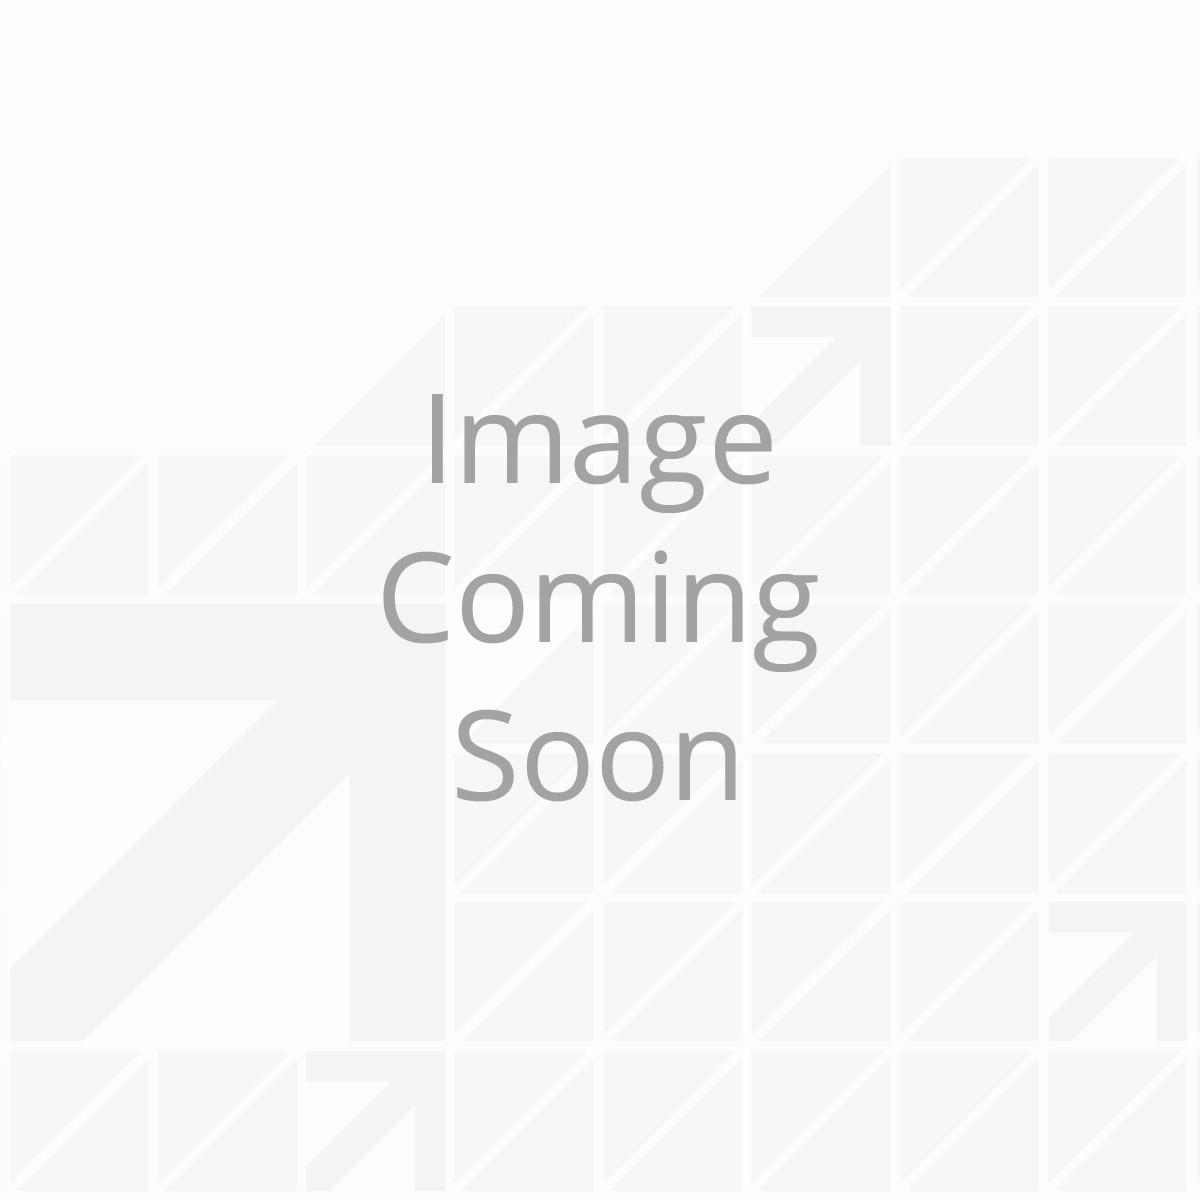 733322_Camera-FCN48TASF_001